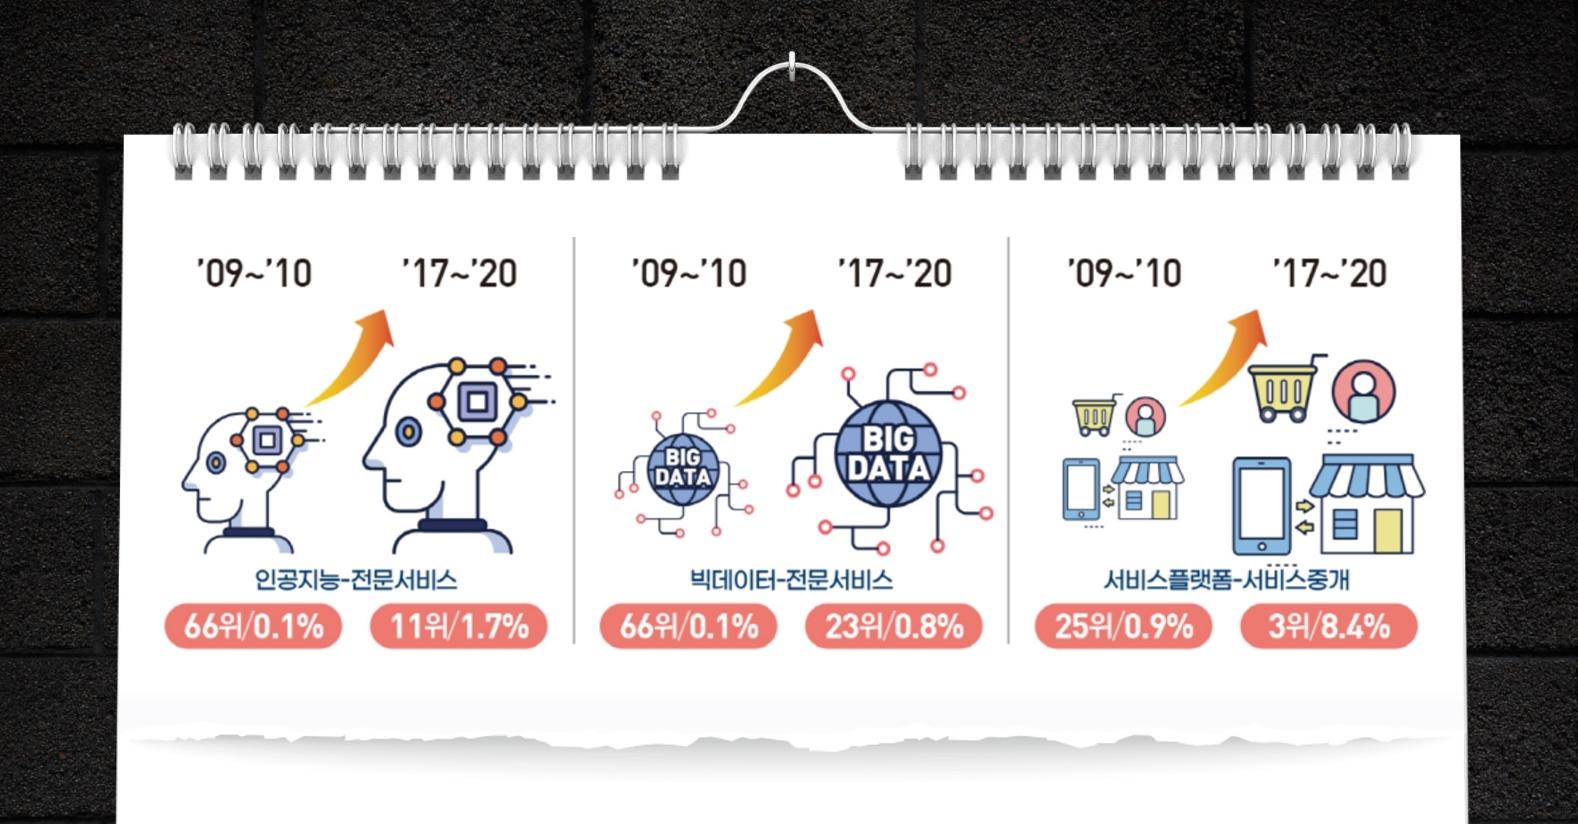 창업기술분야 비중 (출처 : 중소기업벤처부 한국창업생태계의 변화분석)